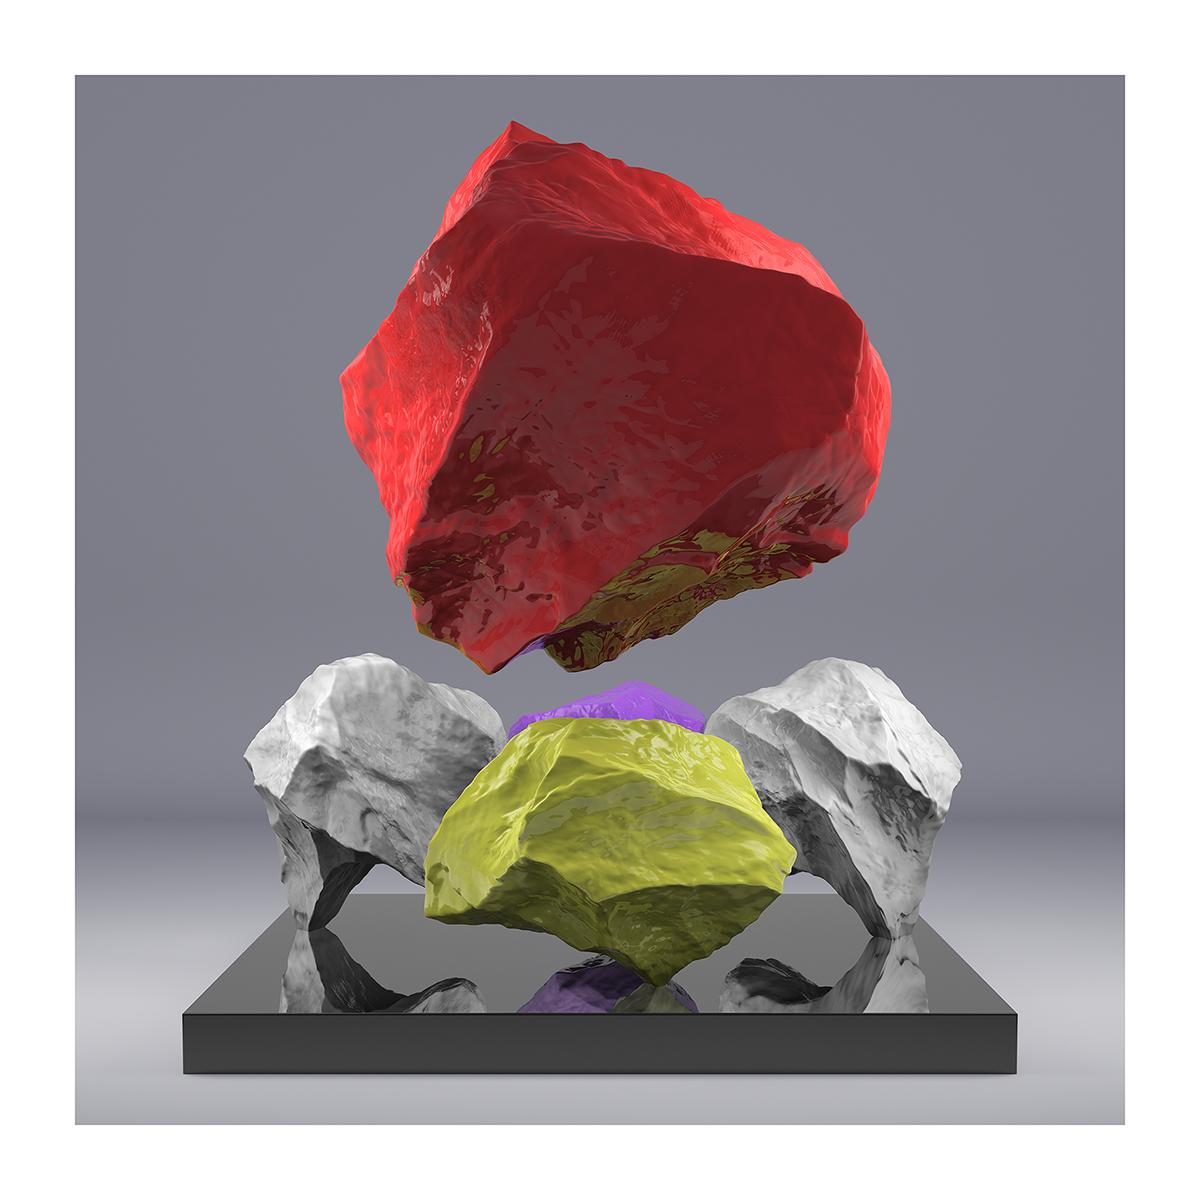 I will not Make any more Boring Art XVIII 1 - 2020 - I will not Make any more Boring Art. XVIII. (Rock Balancing)